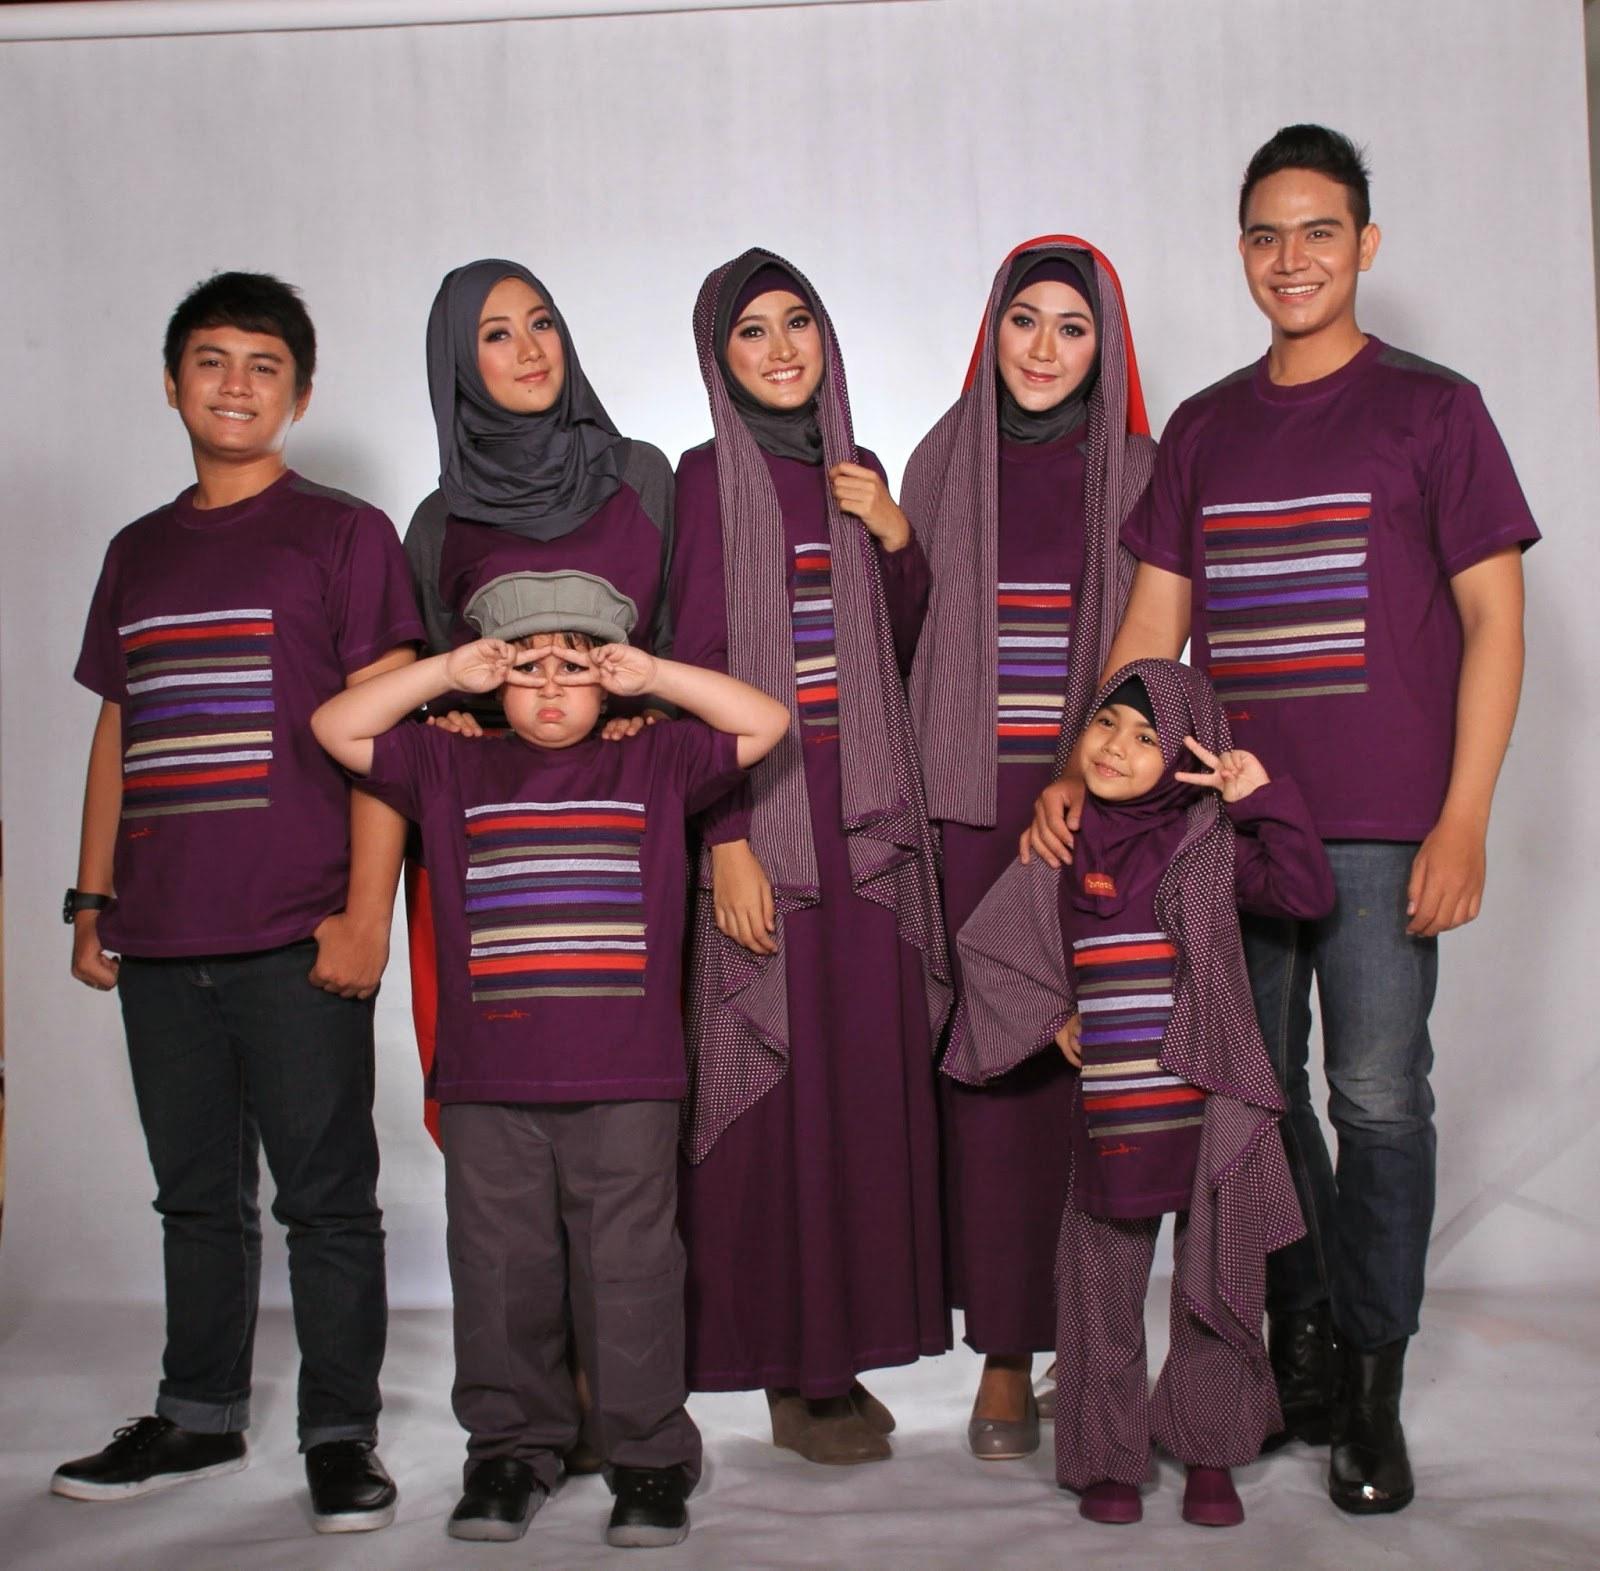 Bentuk Baju Lebaran Sarimbit 2018 Etdg Model Baju Keluarga Untuk Hari Raya Lebaran 2018